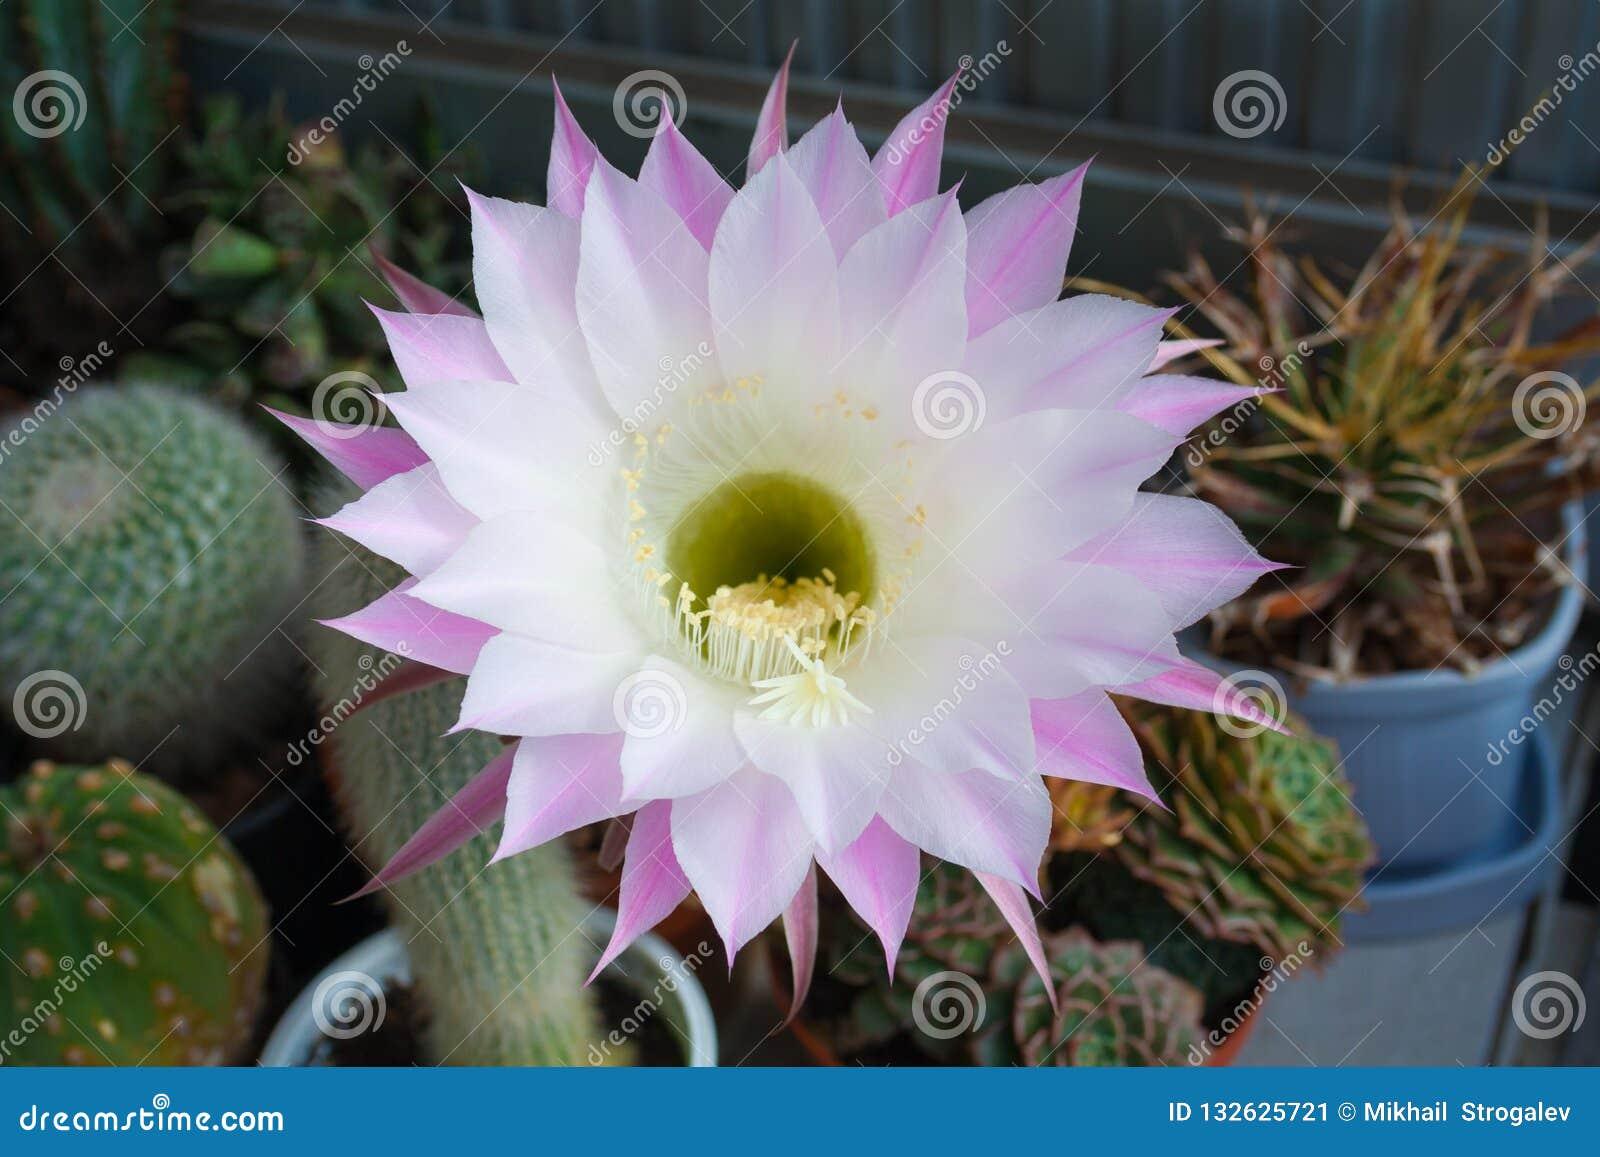 Big white-pink flower of cactus echinopsis